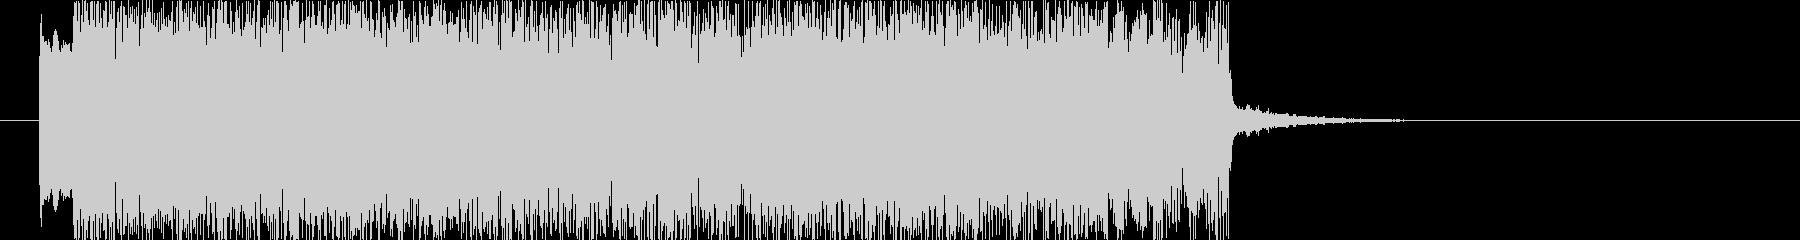 爽やかなロックサウンドのジングルの未再生の波形